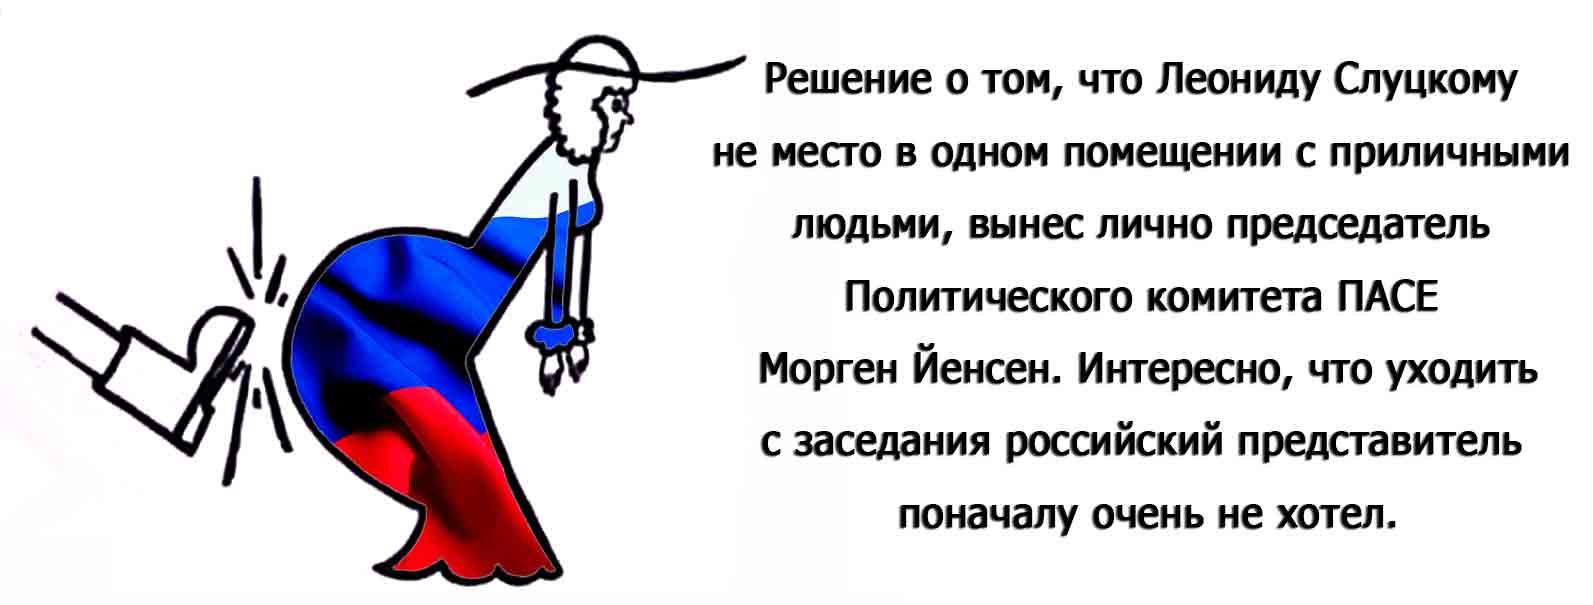 Президент ПАРЄ Кіріакідес після зустрічі з російськими депутатами: між нами прірва - Цензор.НЕТ 4464